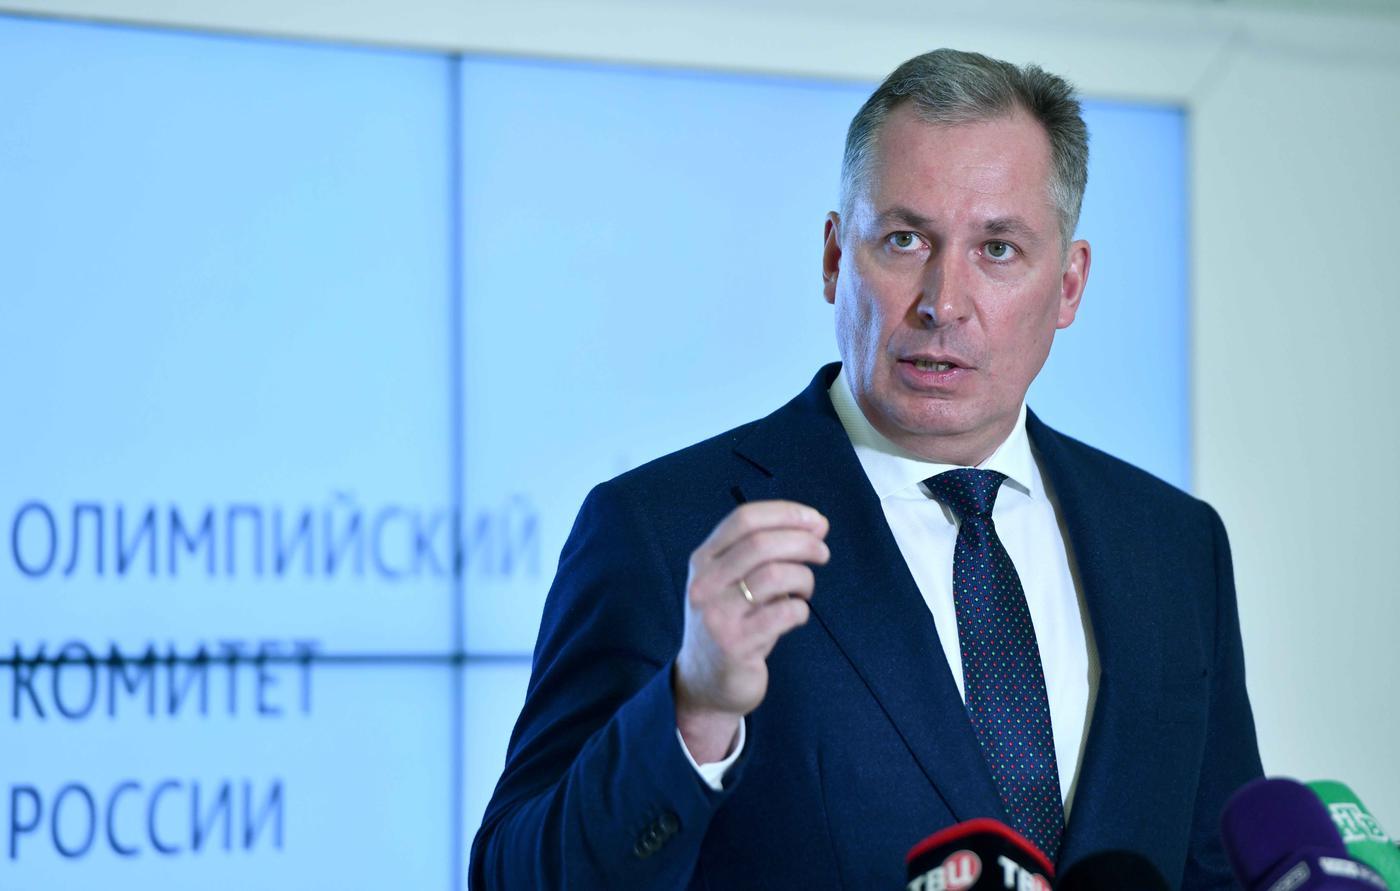 Станислав Поздняков считает инцидент на ЧМ по шашках грубой ошибкой организаторов - фото